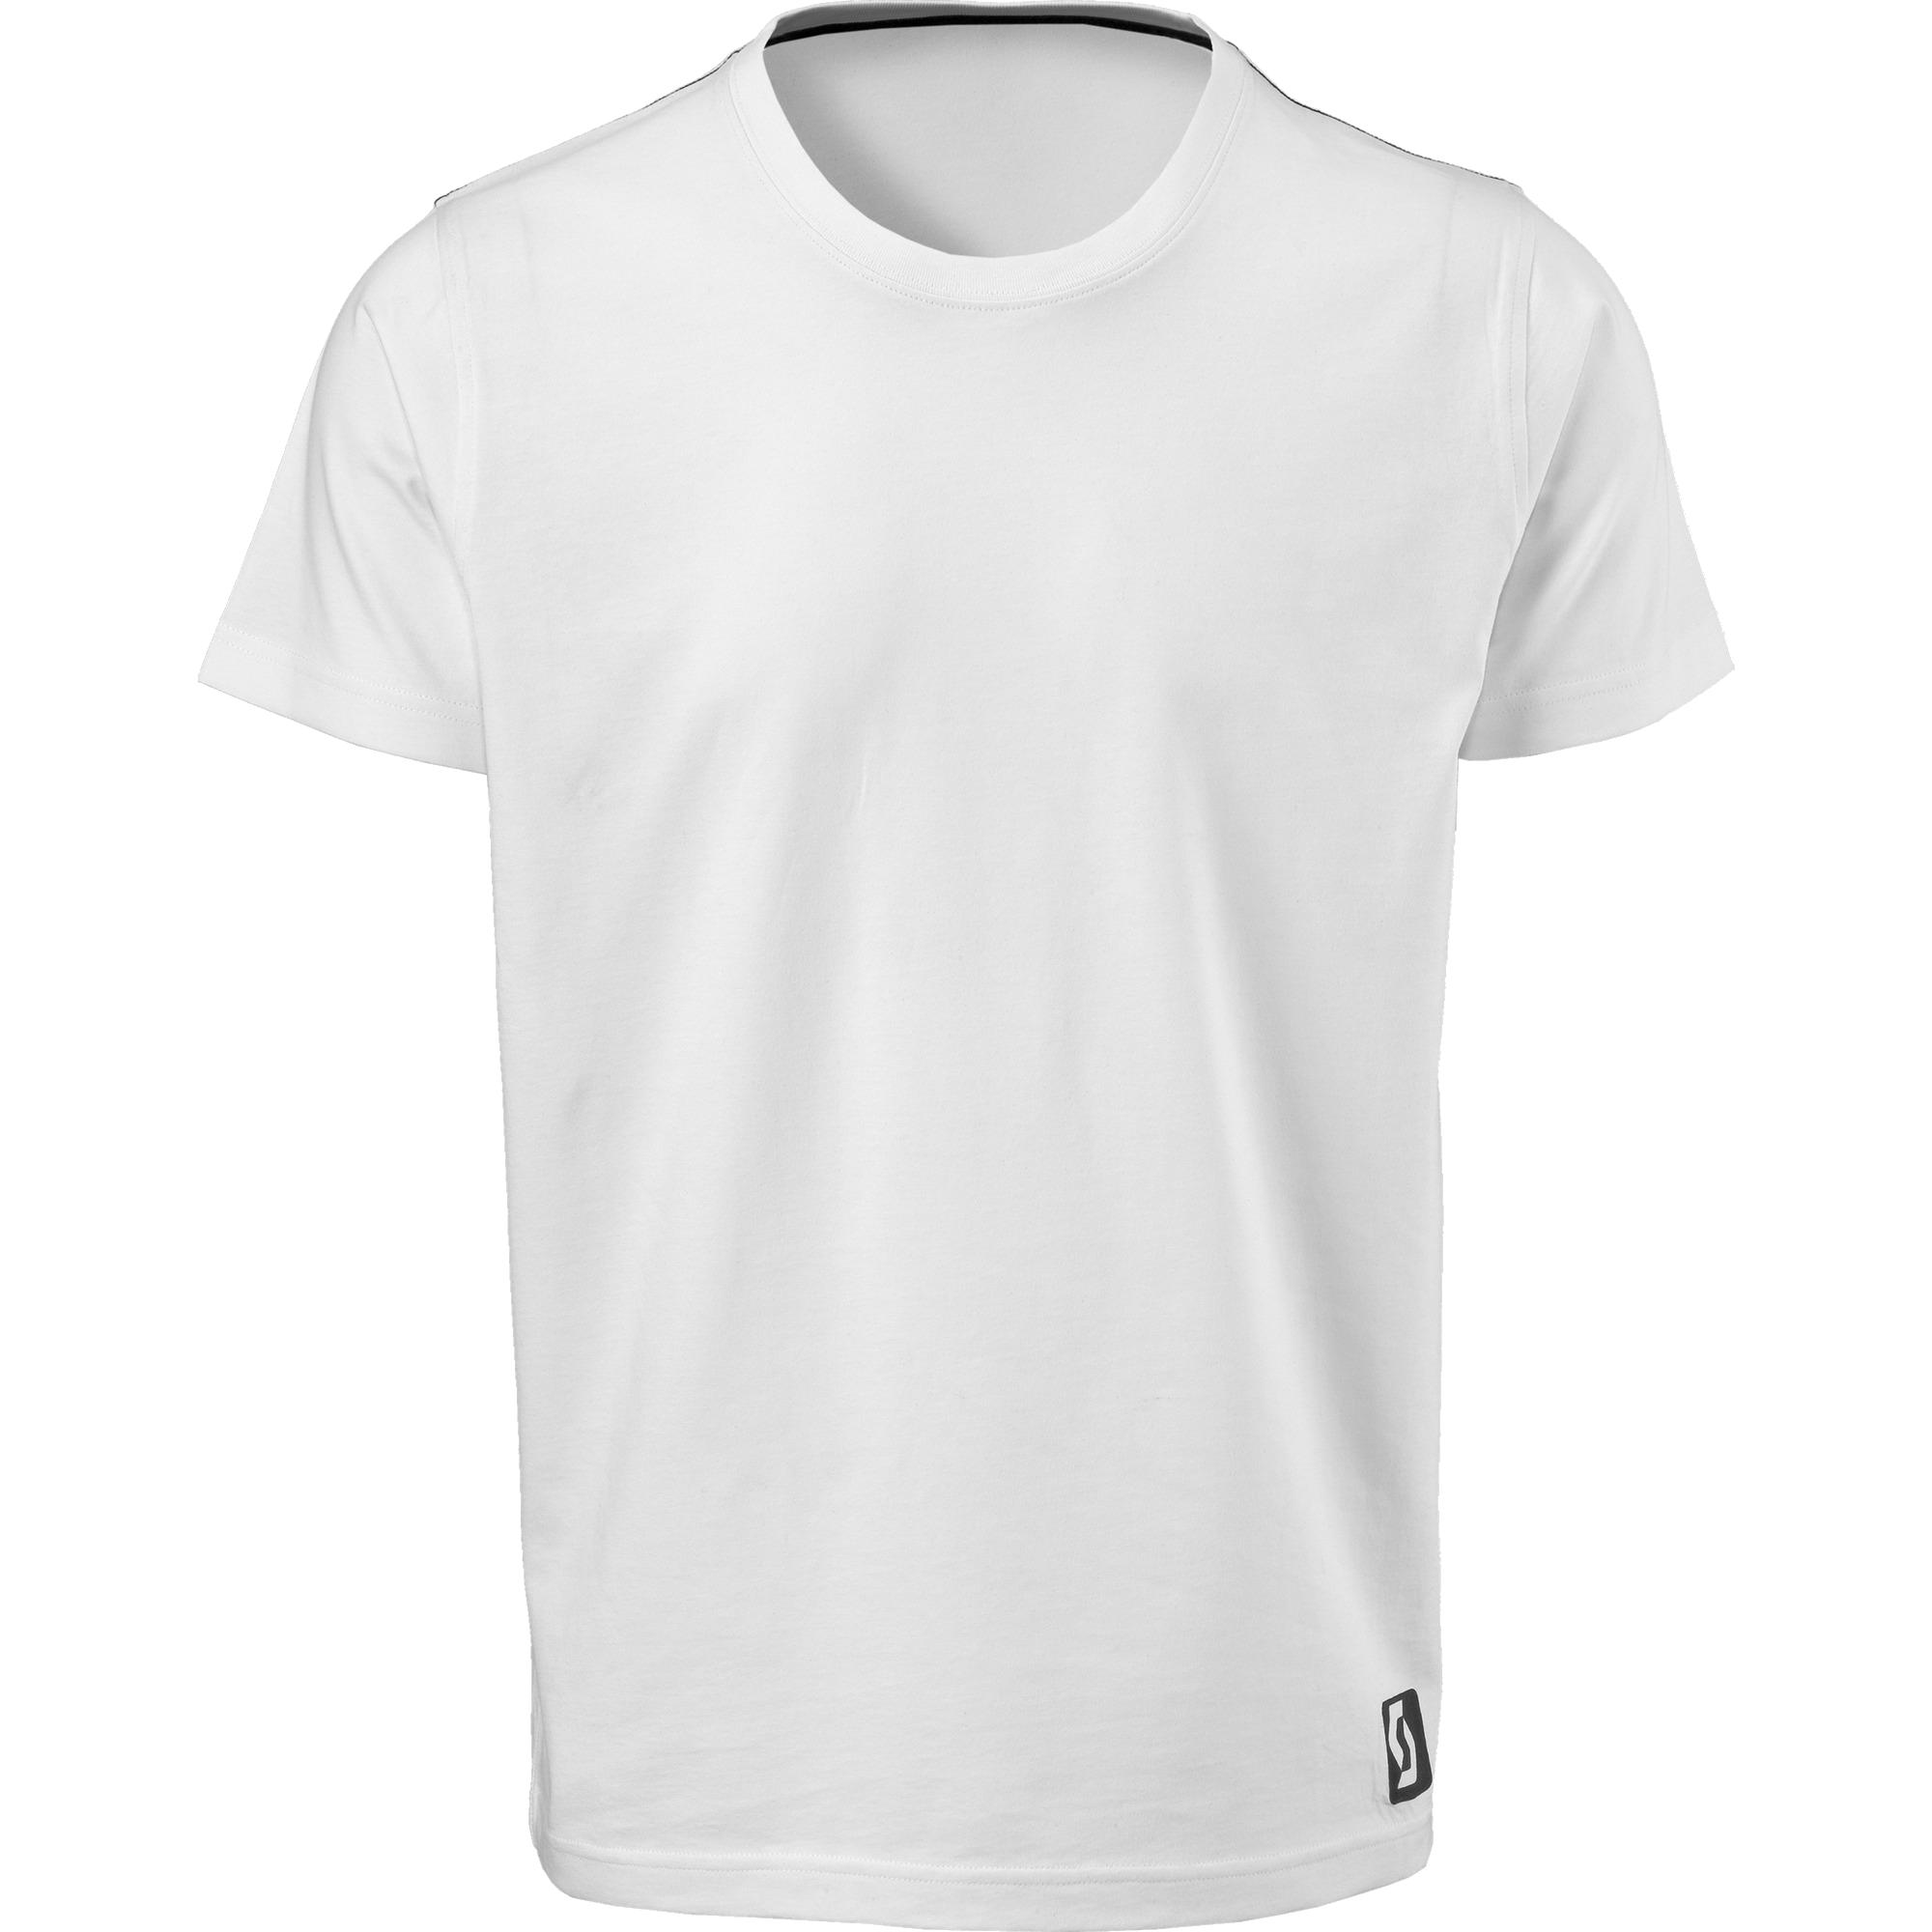 White T.